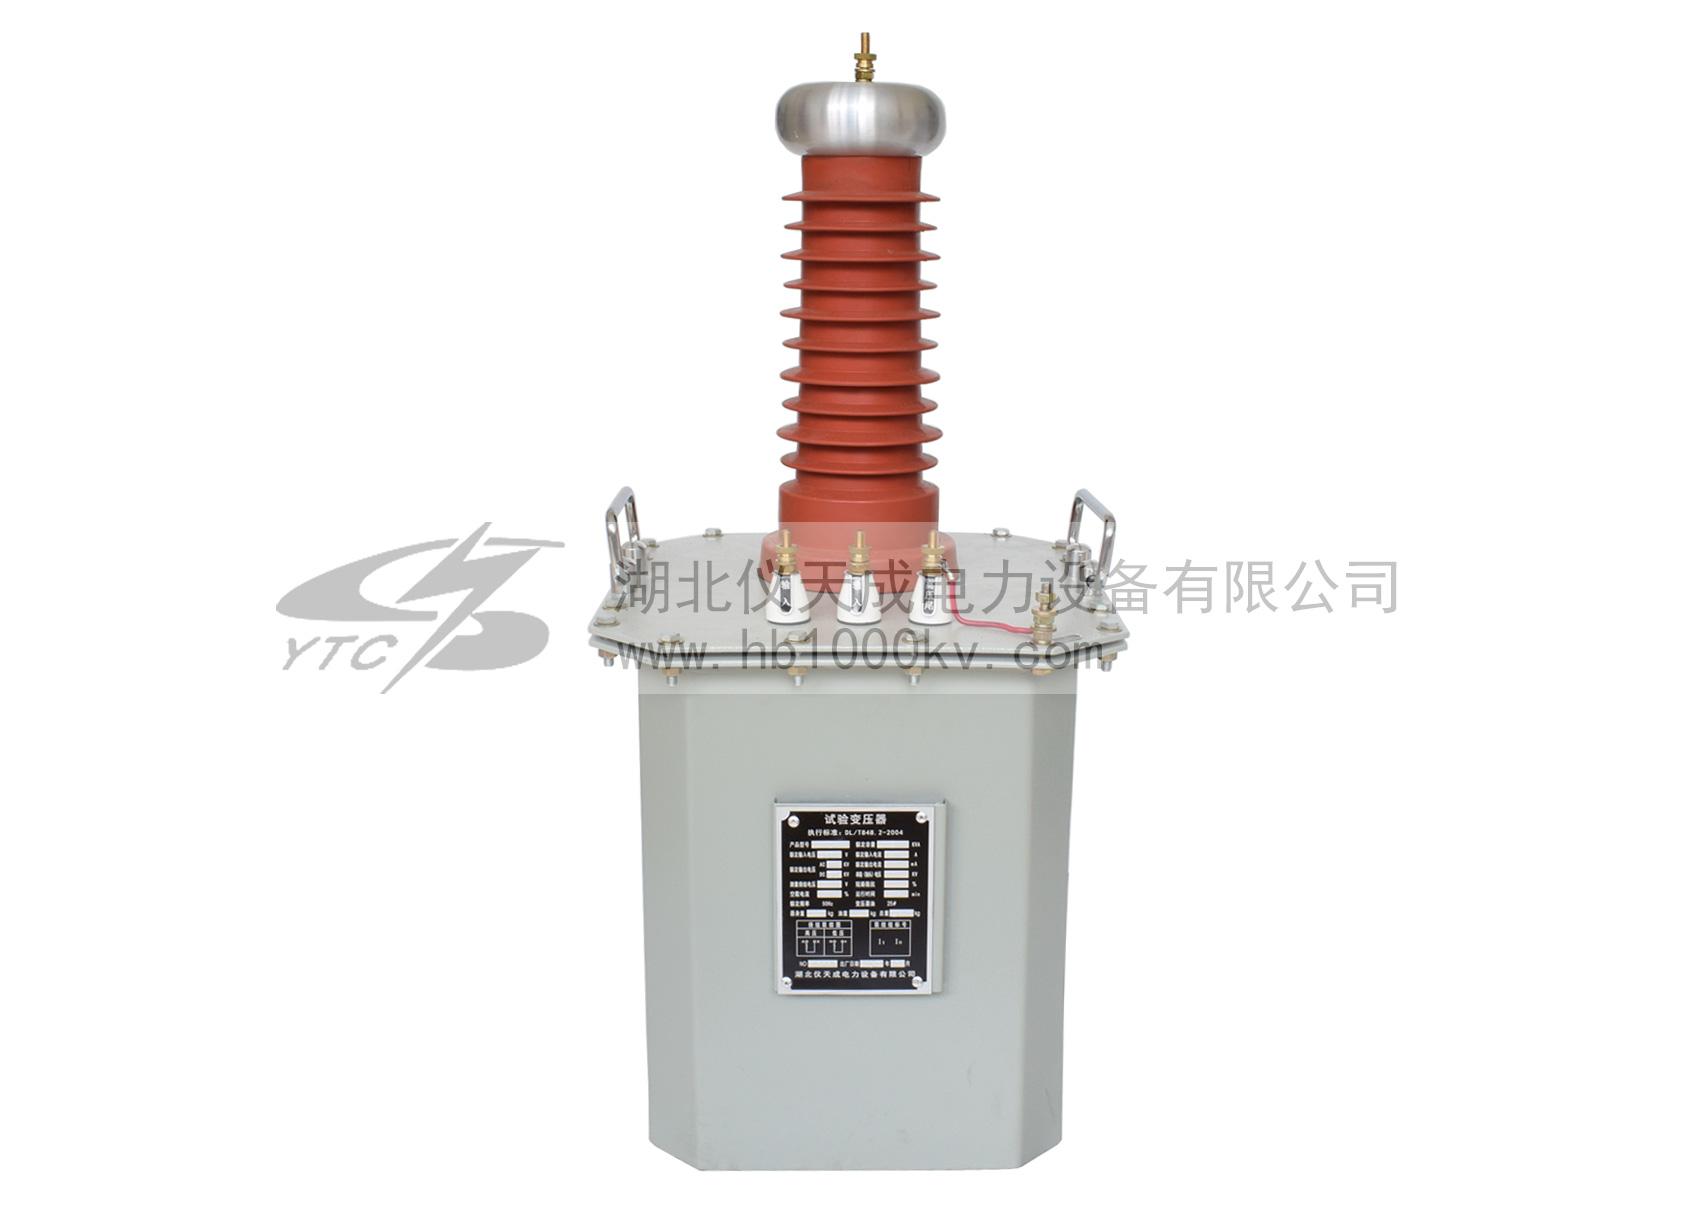 YD口罩机熔喷布静电驻极发生器变压器